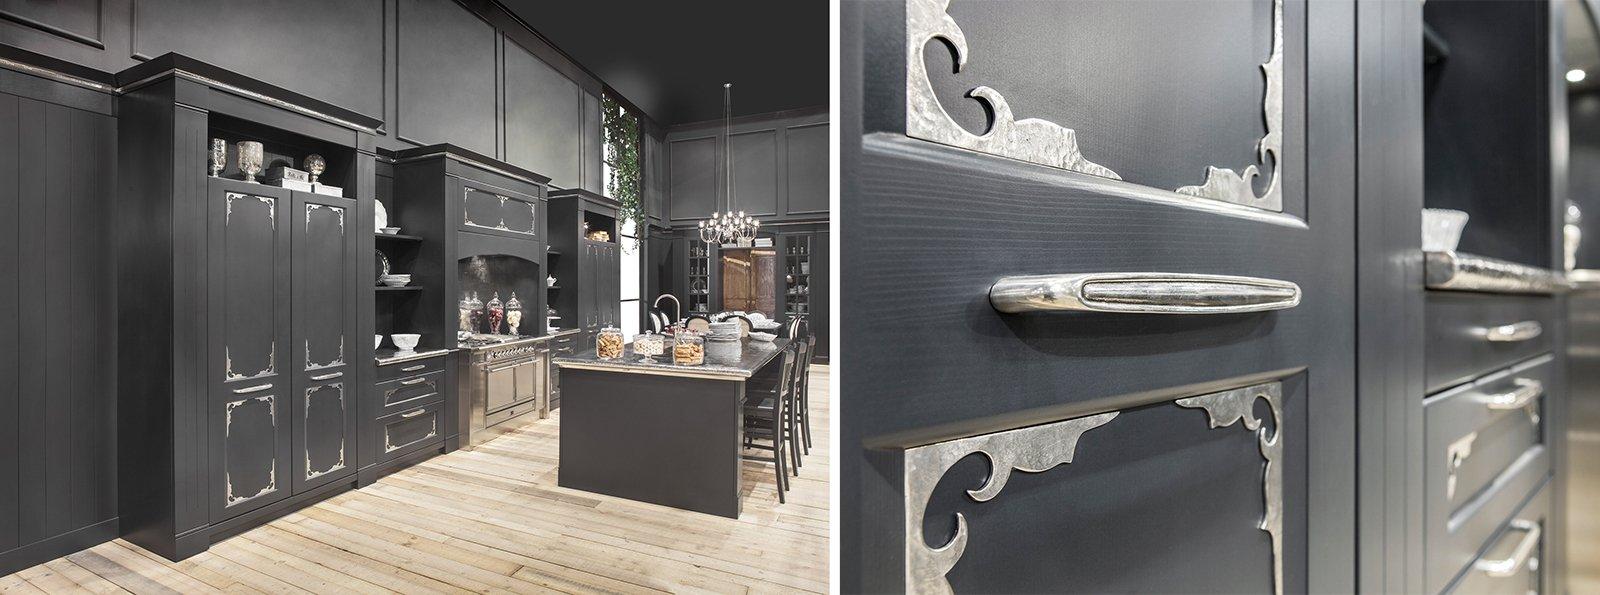 Cucine decorate per un ambiente originale e vivace cose - Prezzi ante cucina ...